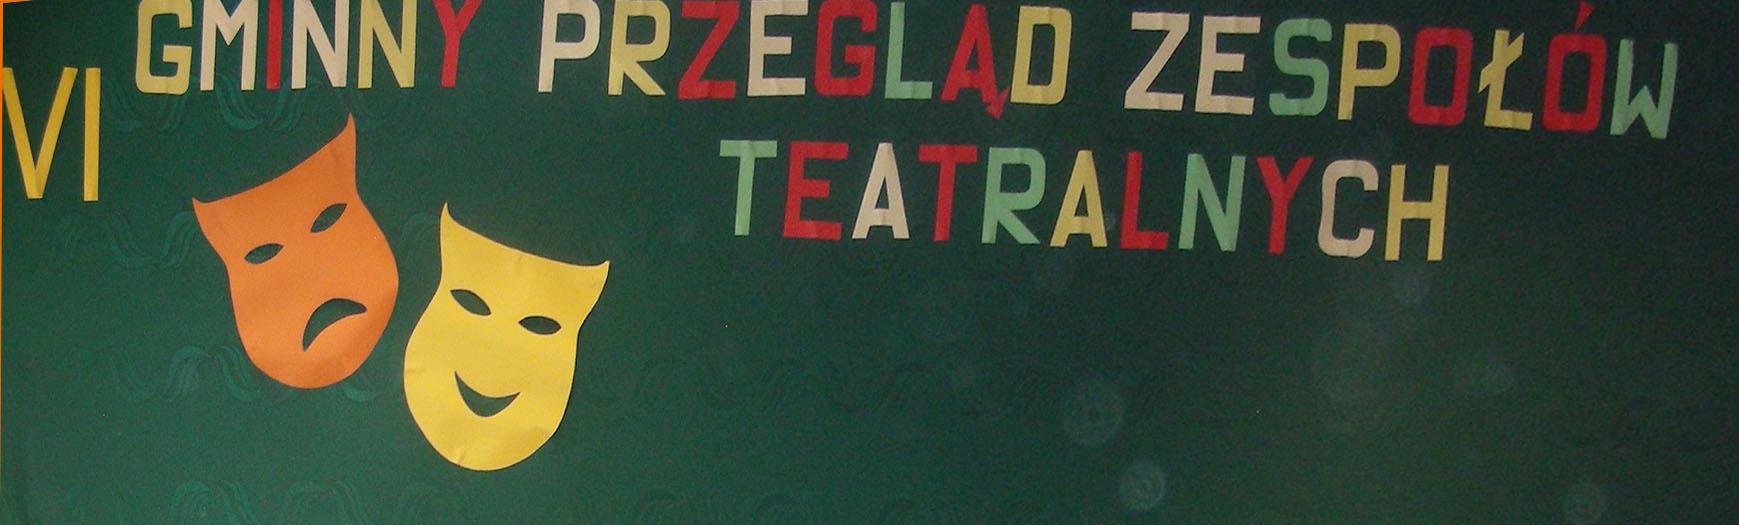 VI Gminny Przegląd Zespołów Teatralnych